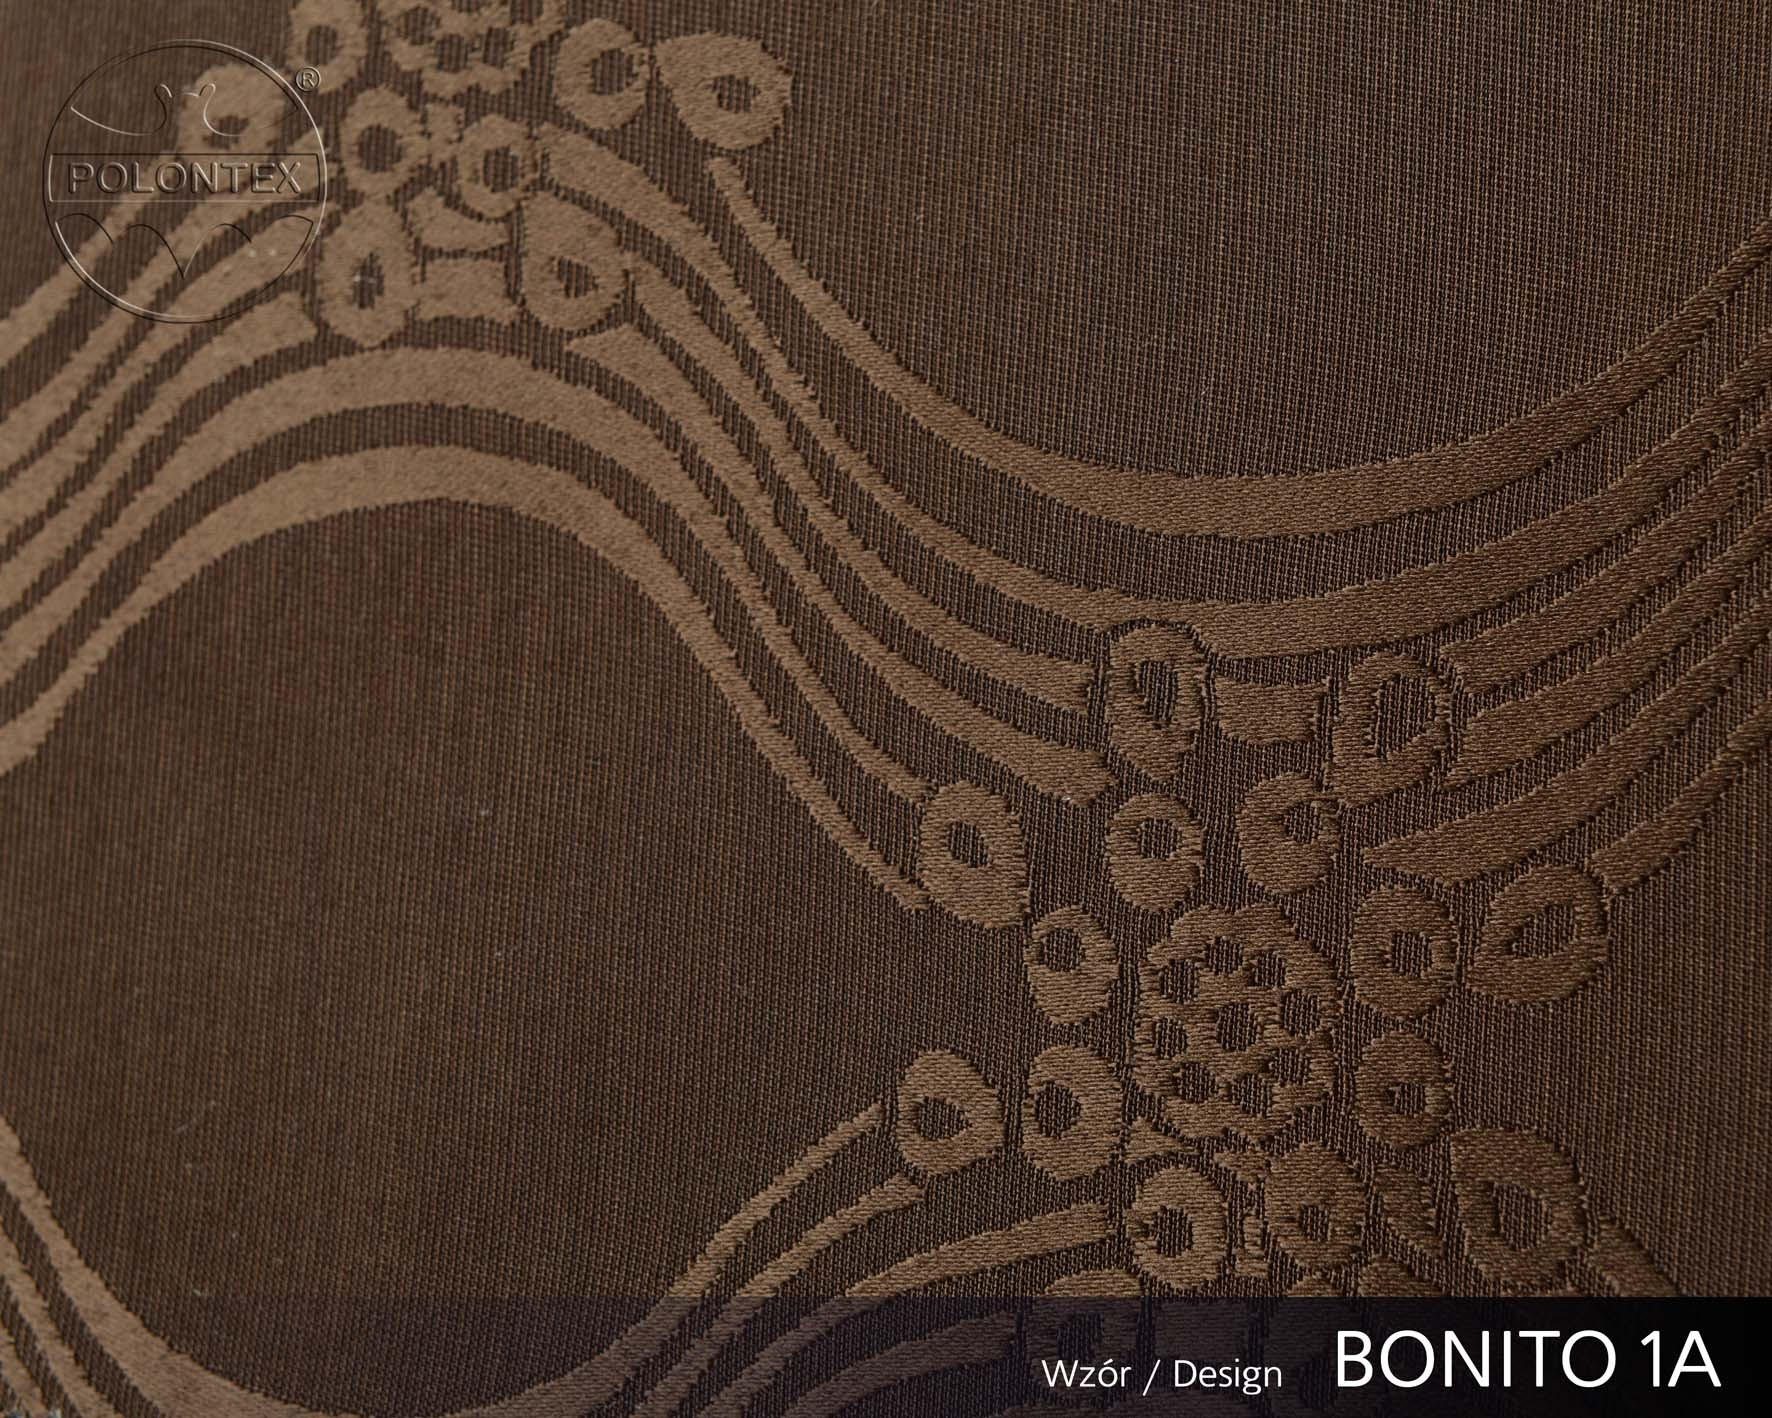 BONITO 1A 7508